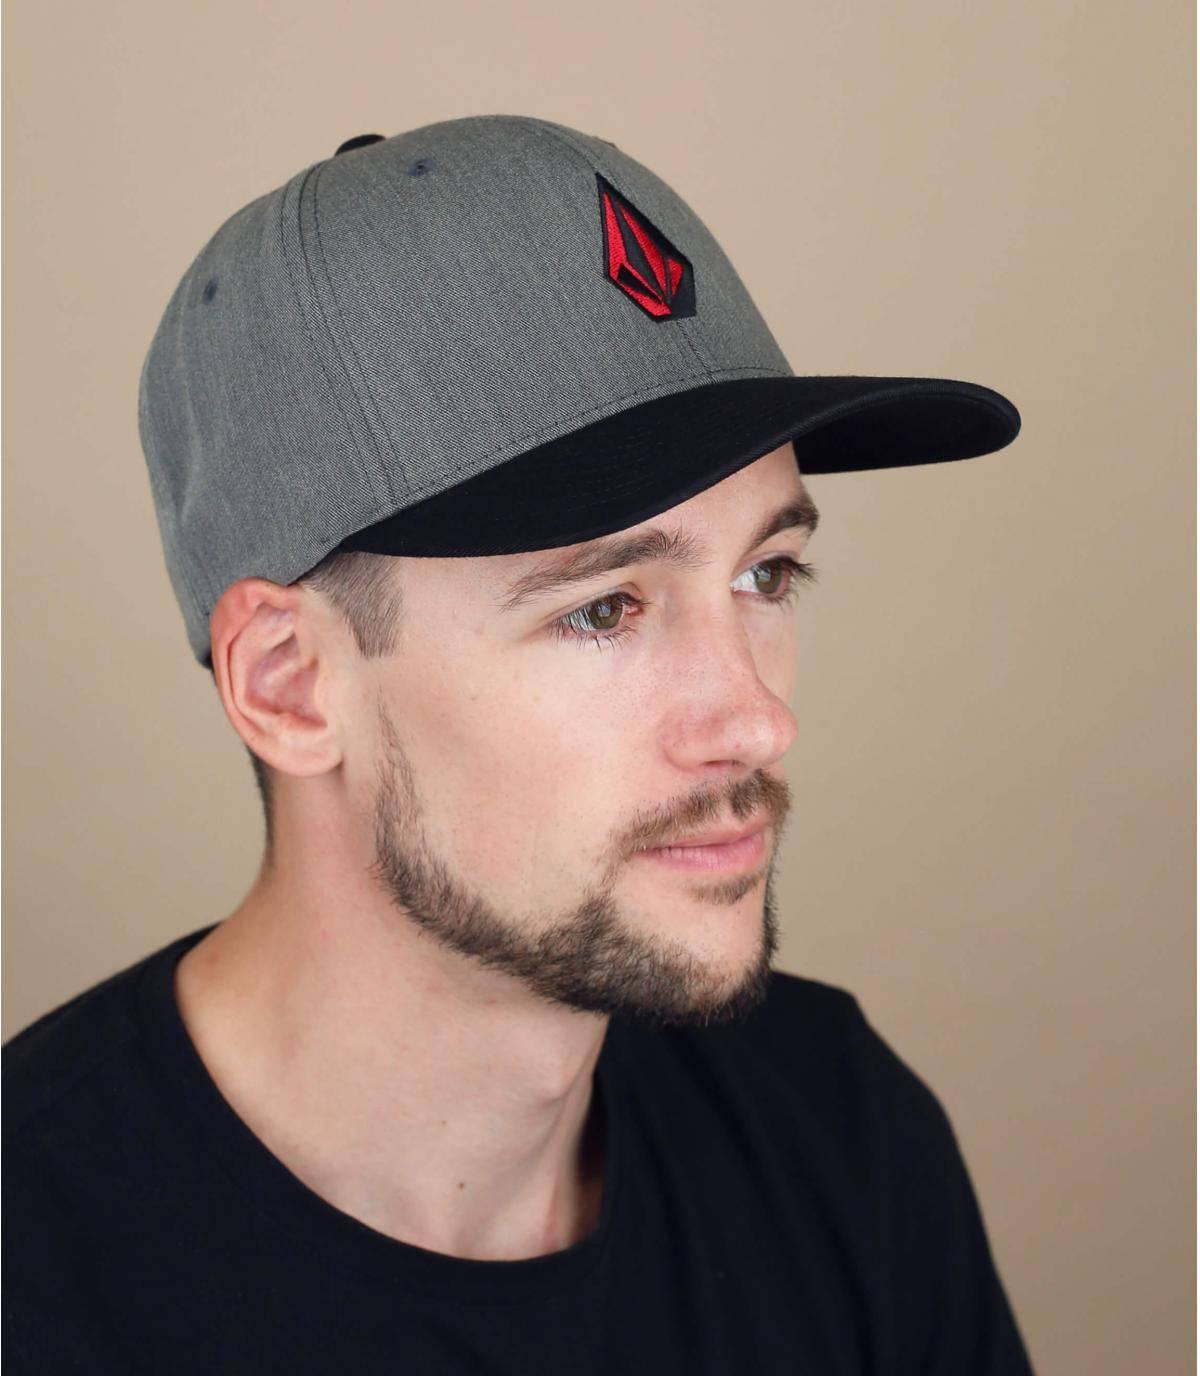 cappellino Volcom grigio